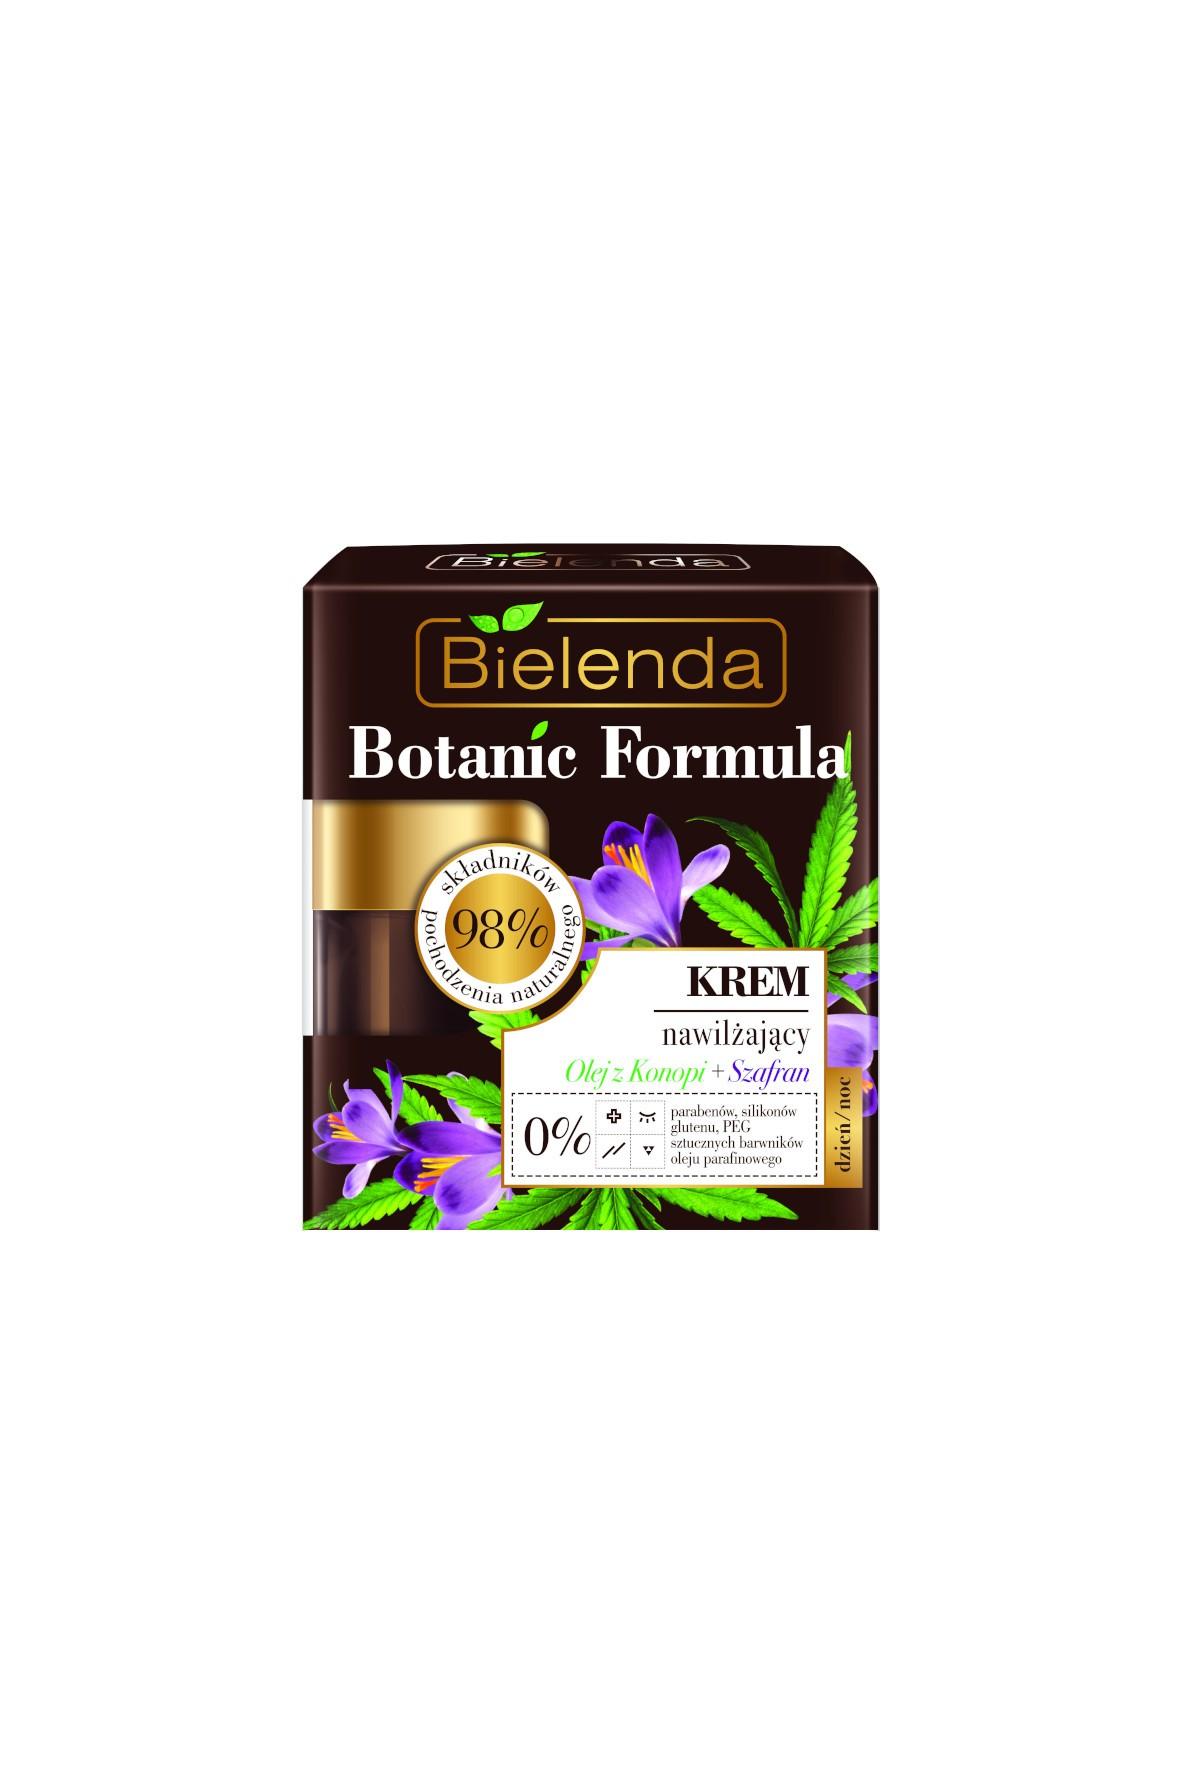 BOTANIC FORMULA Olej z Konopi + Szafran Krem nawilżający dzień/ noc - 50 ml